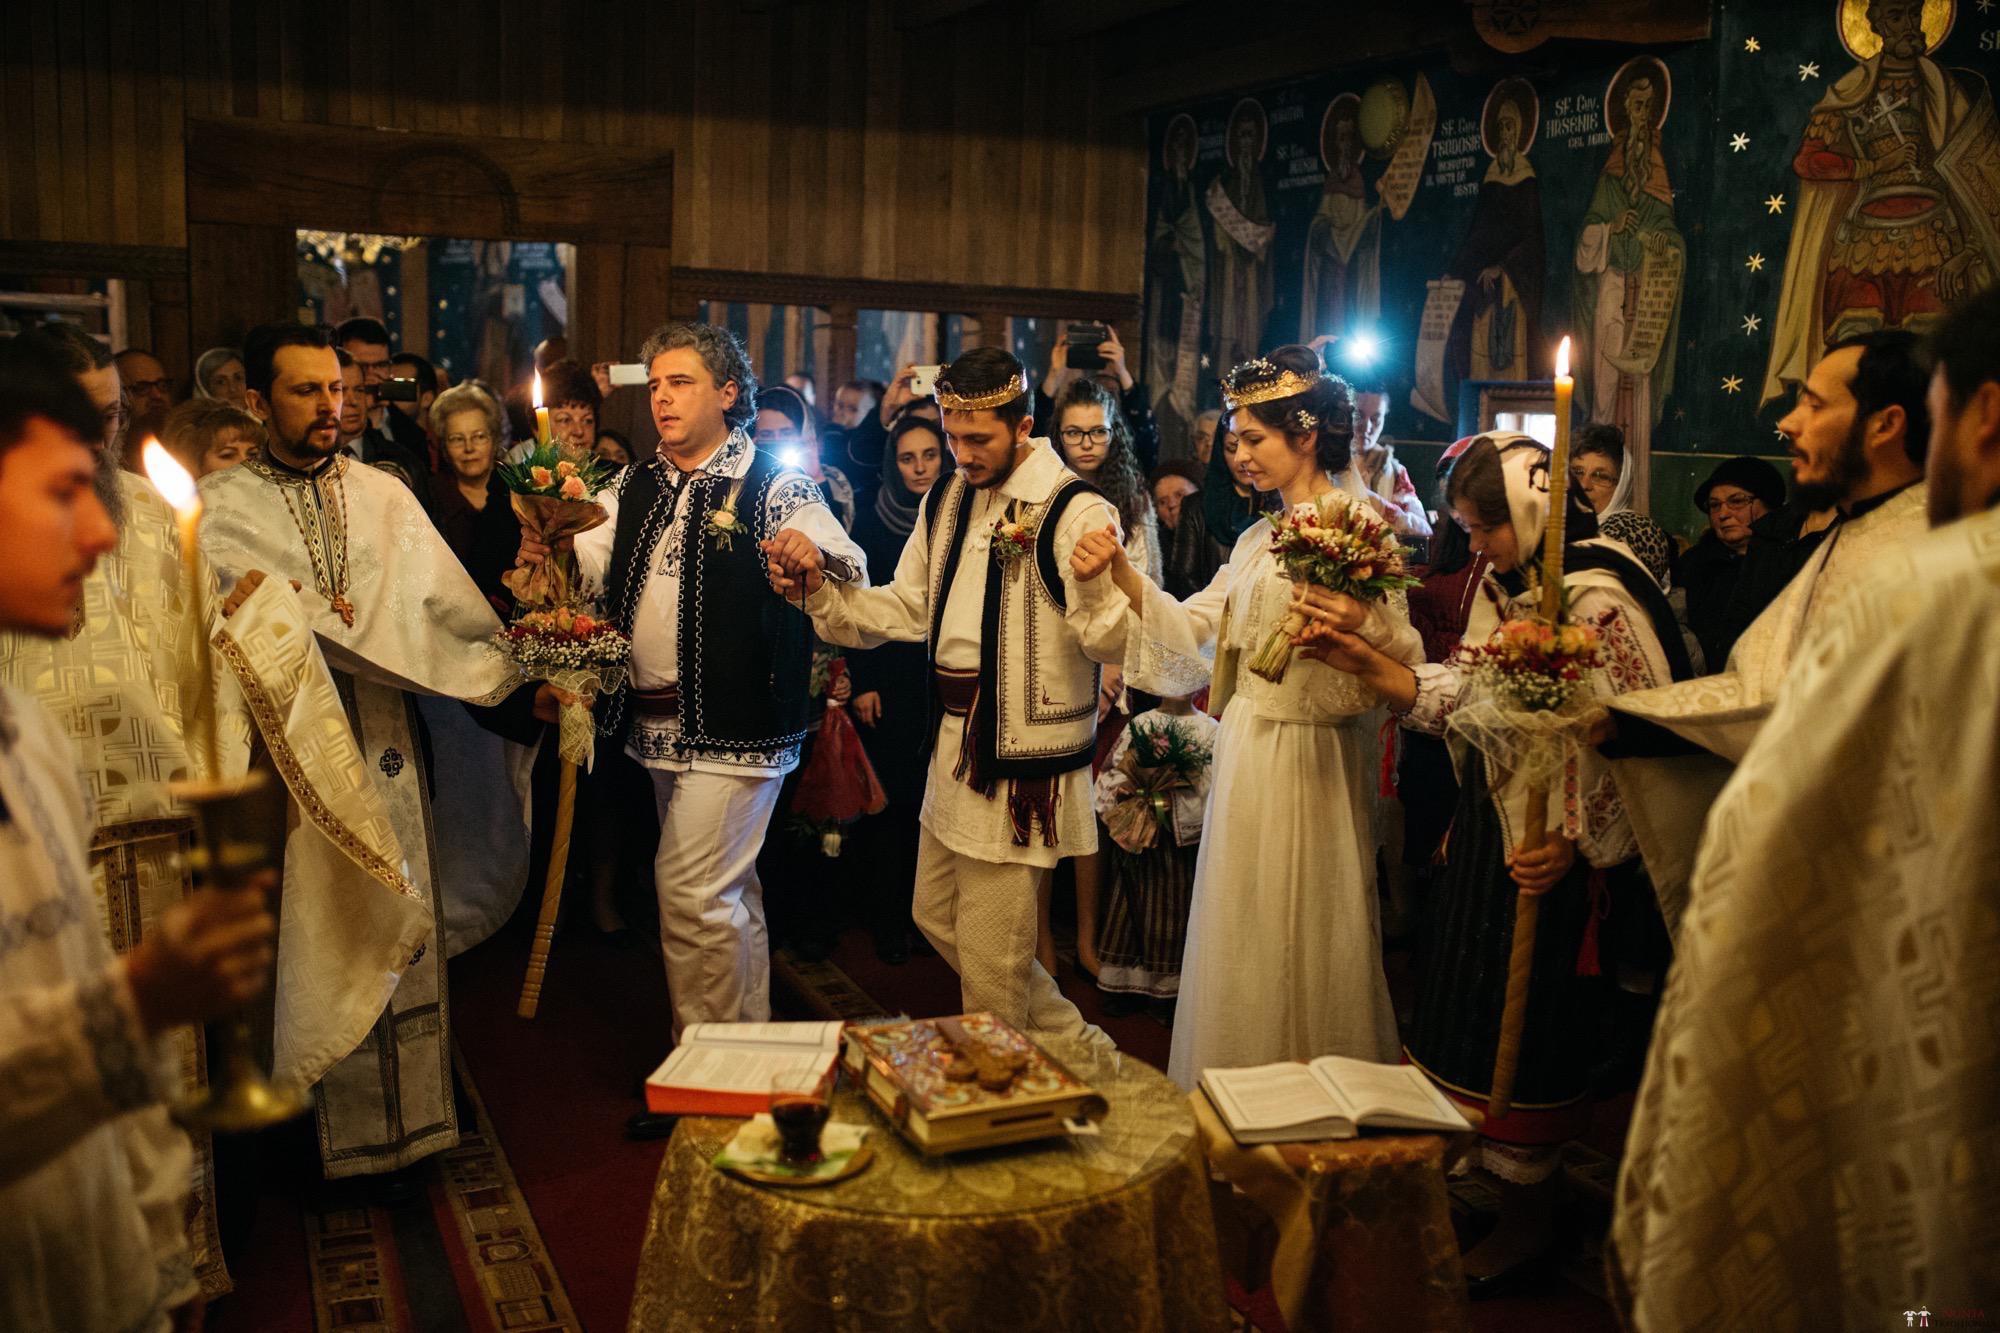 Povești Nunți Tradiționale - Gabriela și Adrian. Nuntă tradițională în Piatra Neamț 27